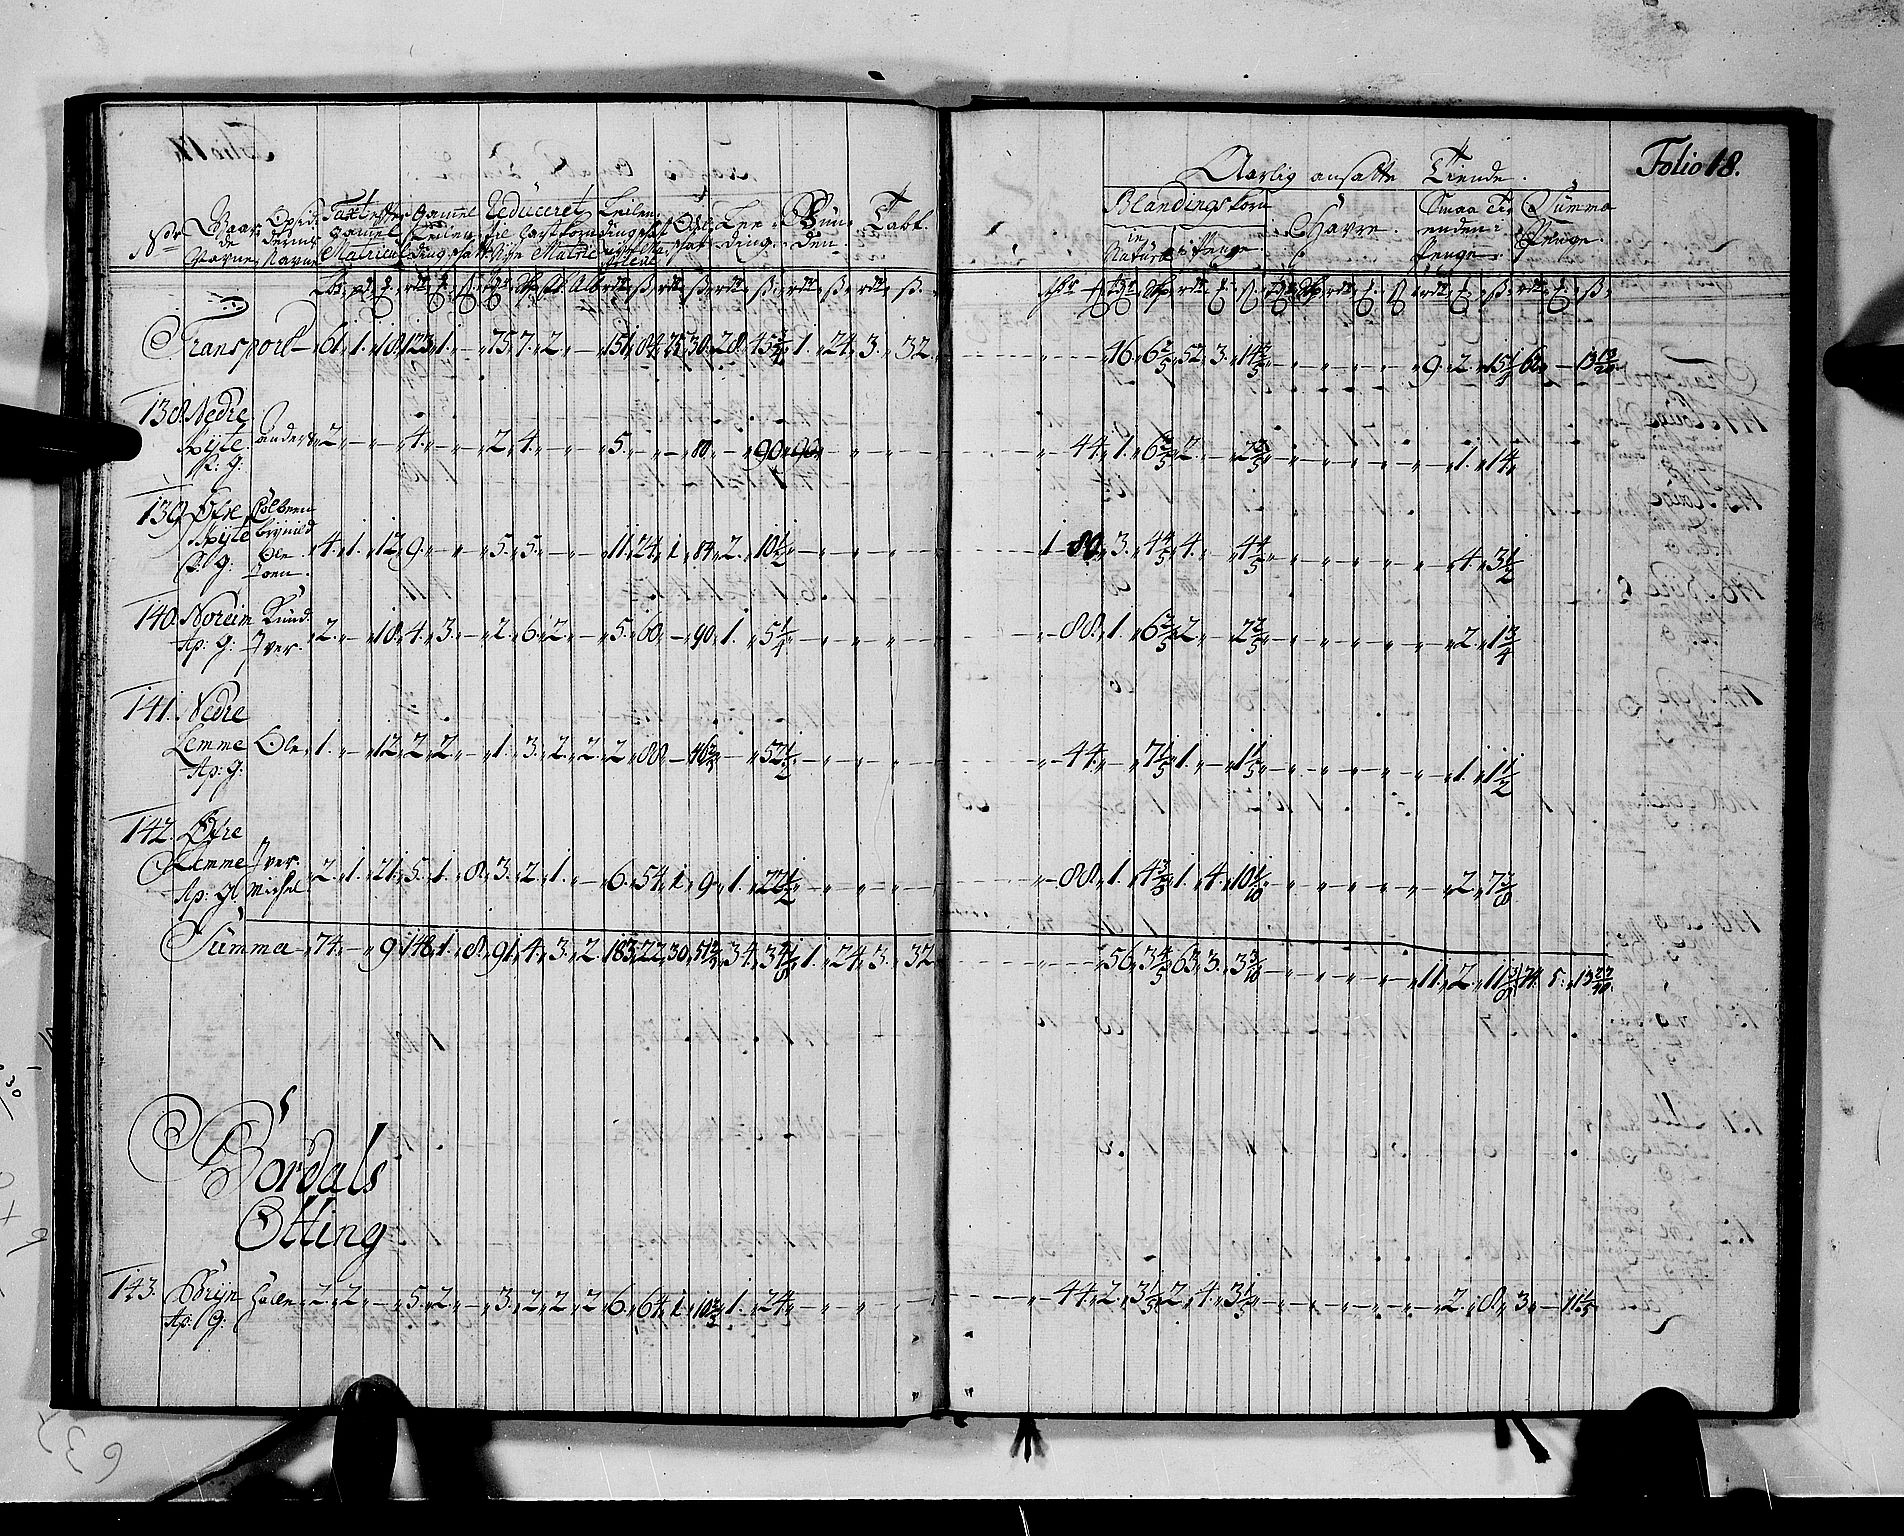 RA, Rentekammeret inntil 1814, Realistisk ordnet avdeling, N/Nb/Nbf/L0142: Voss matrikkelprotokoll, 1723, s. 17b-18a